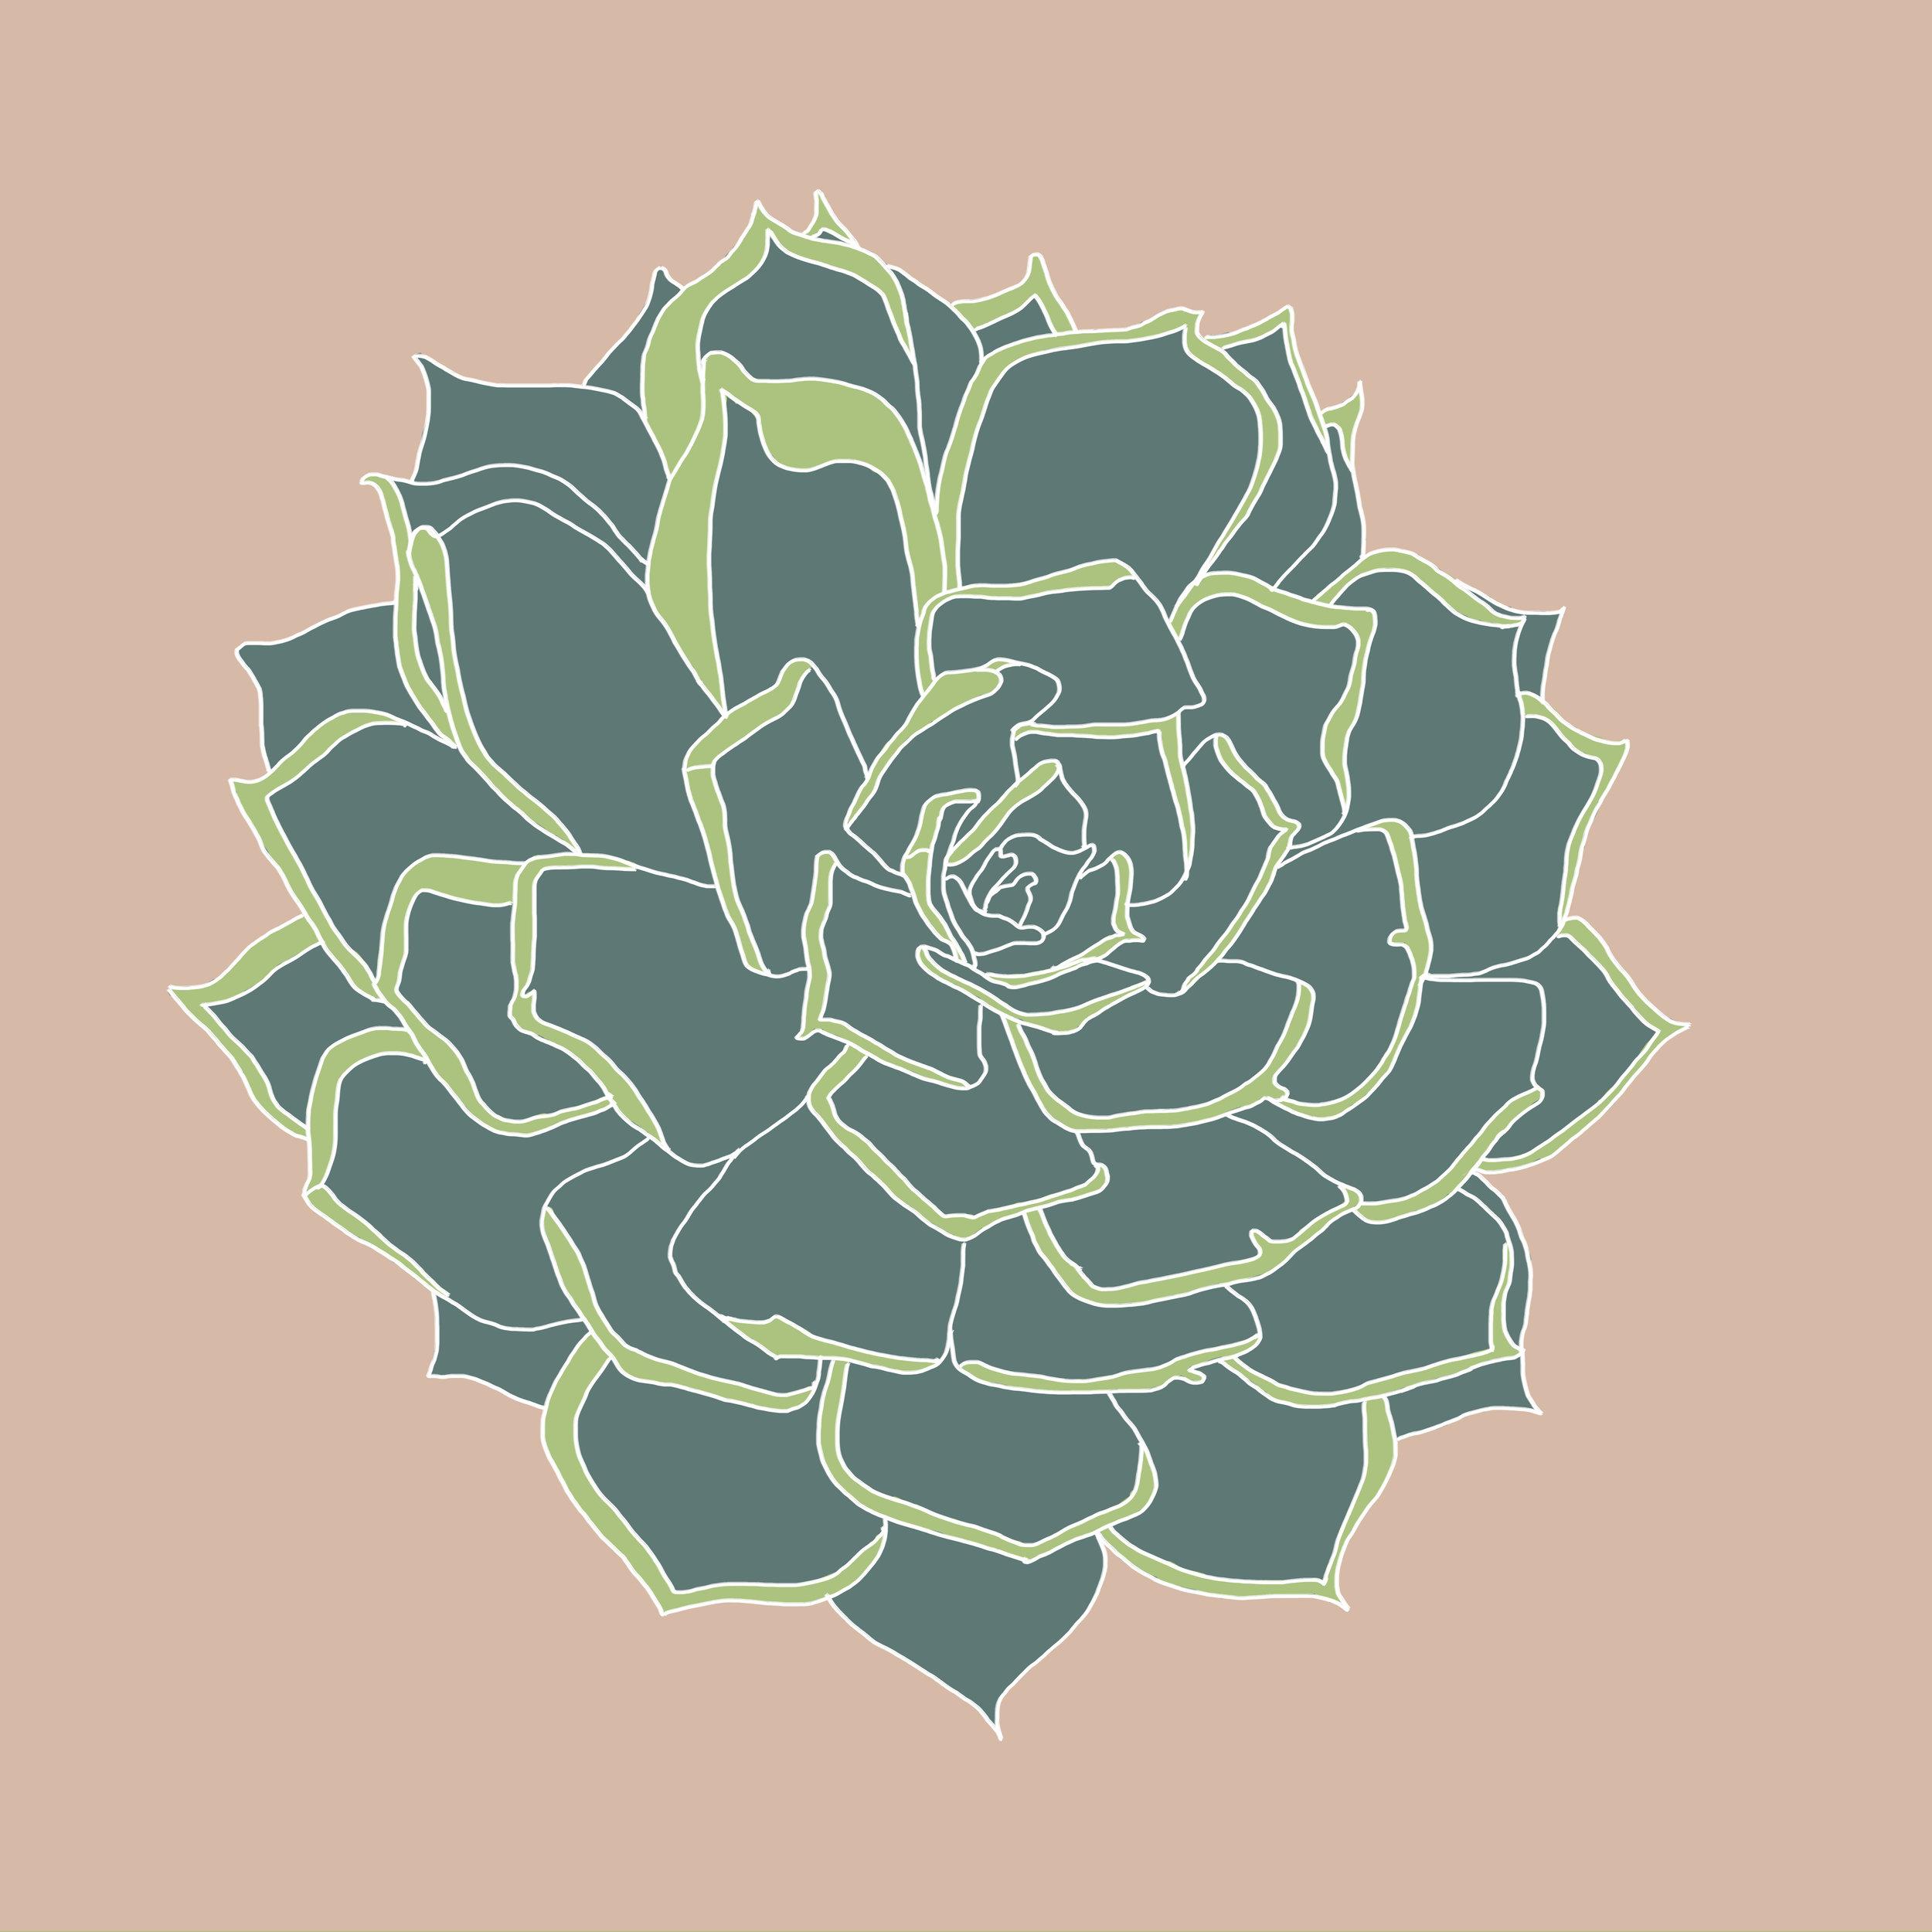 09_Flowers.jpg